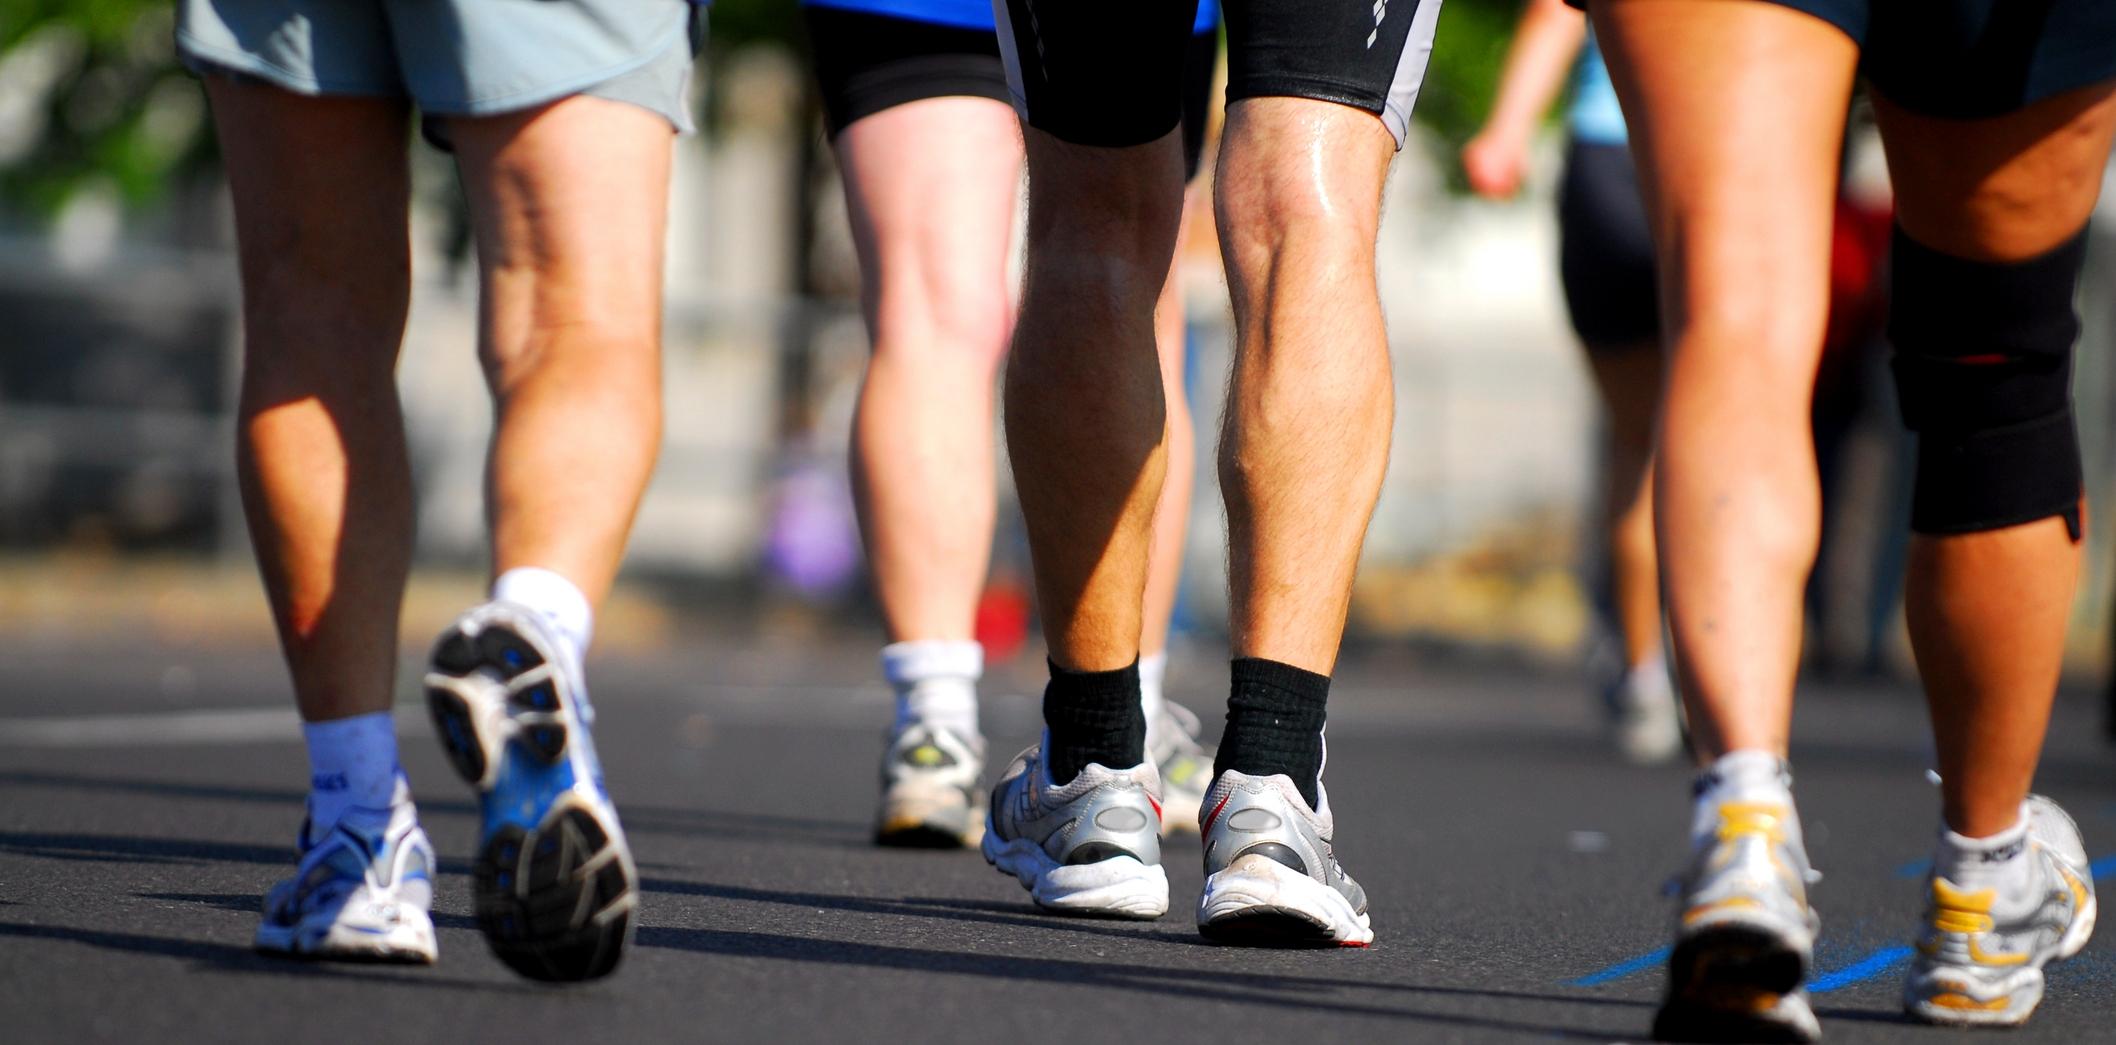 الرياضة وثبات الوزن